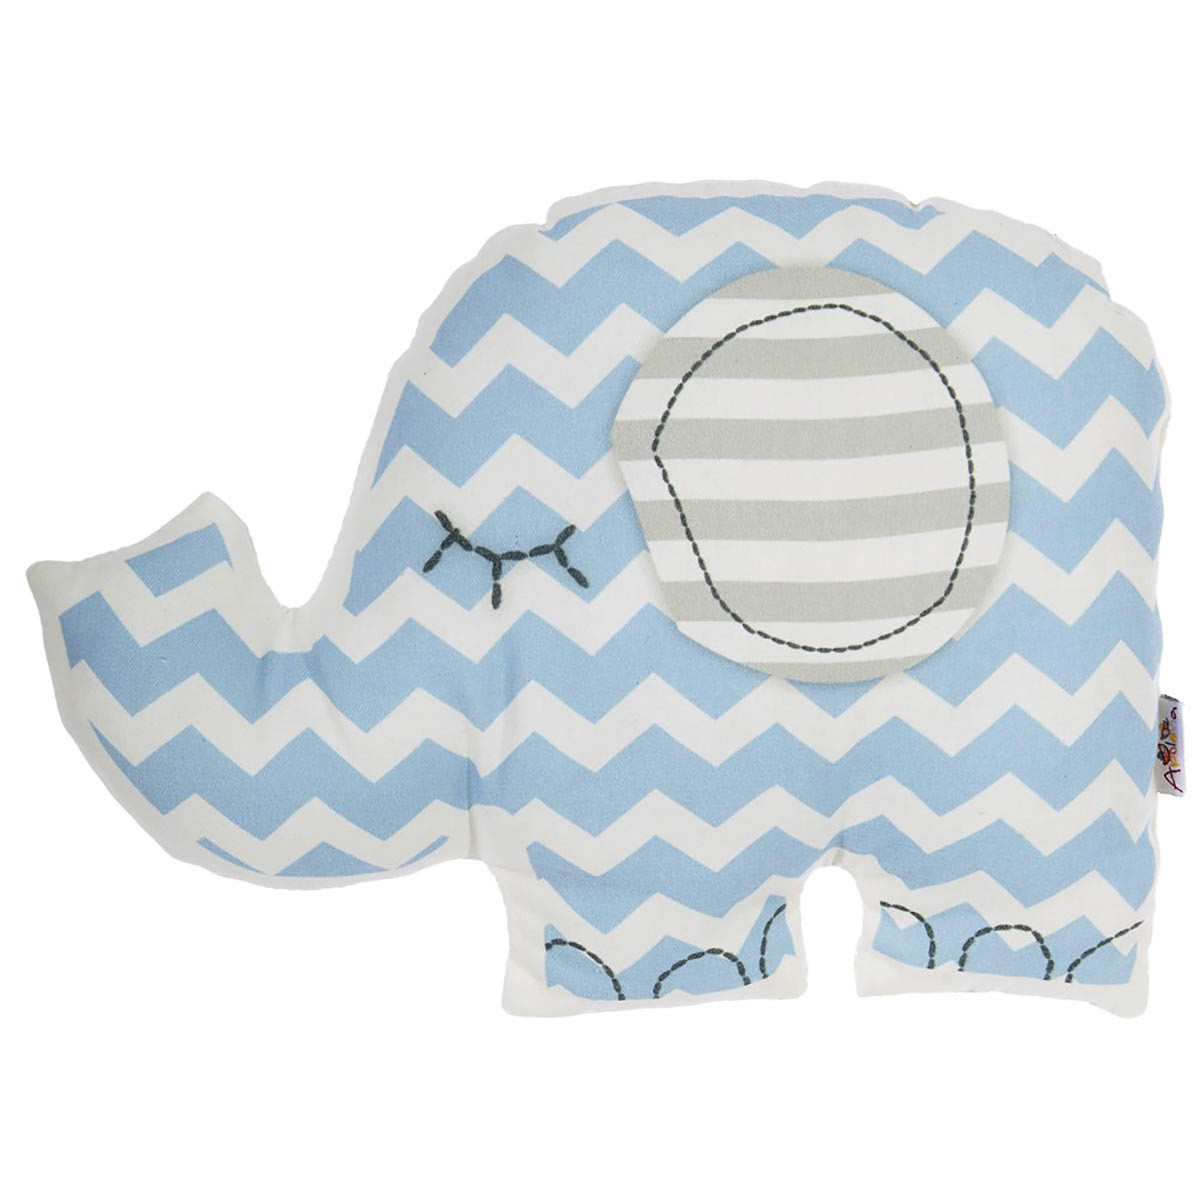 Διακοσμητικό Μαξιλάρι (34×24) Apolena Ελέφαντας Γαλάζιο